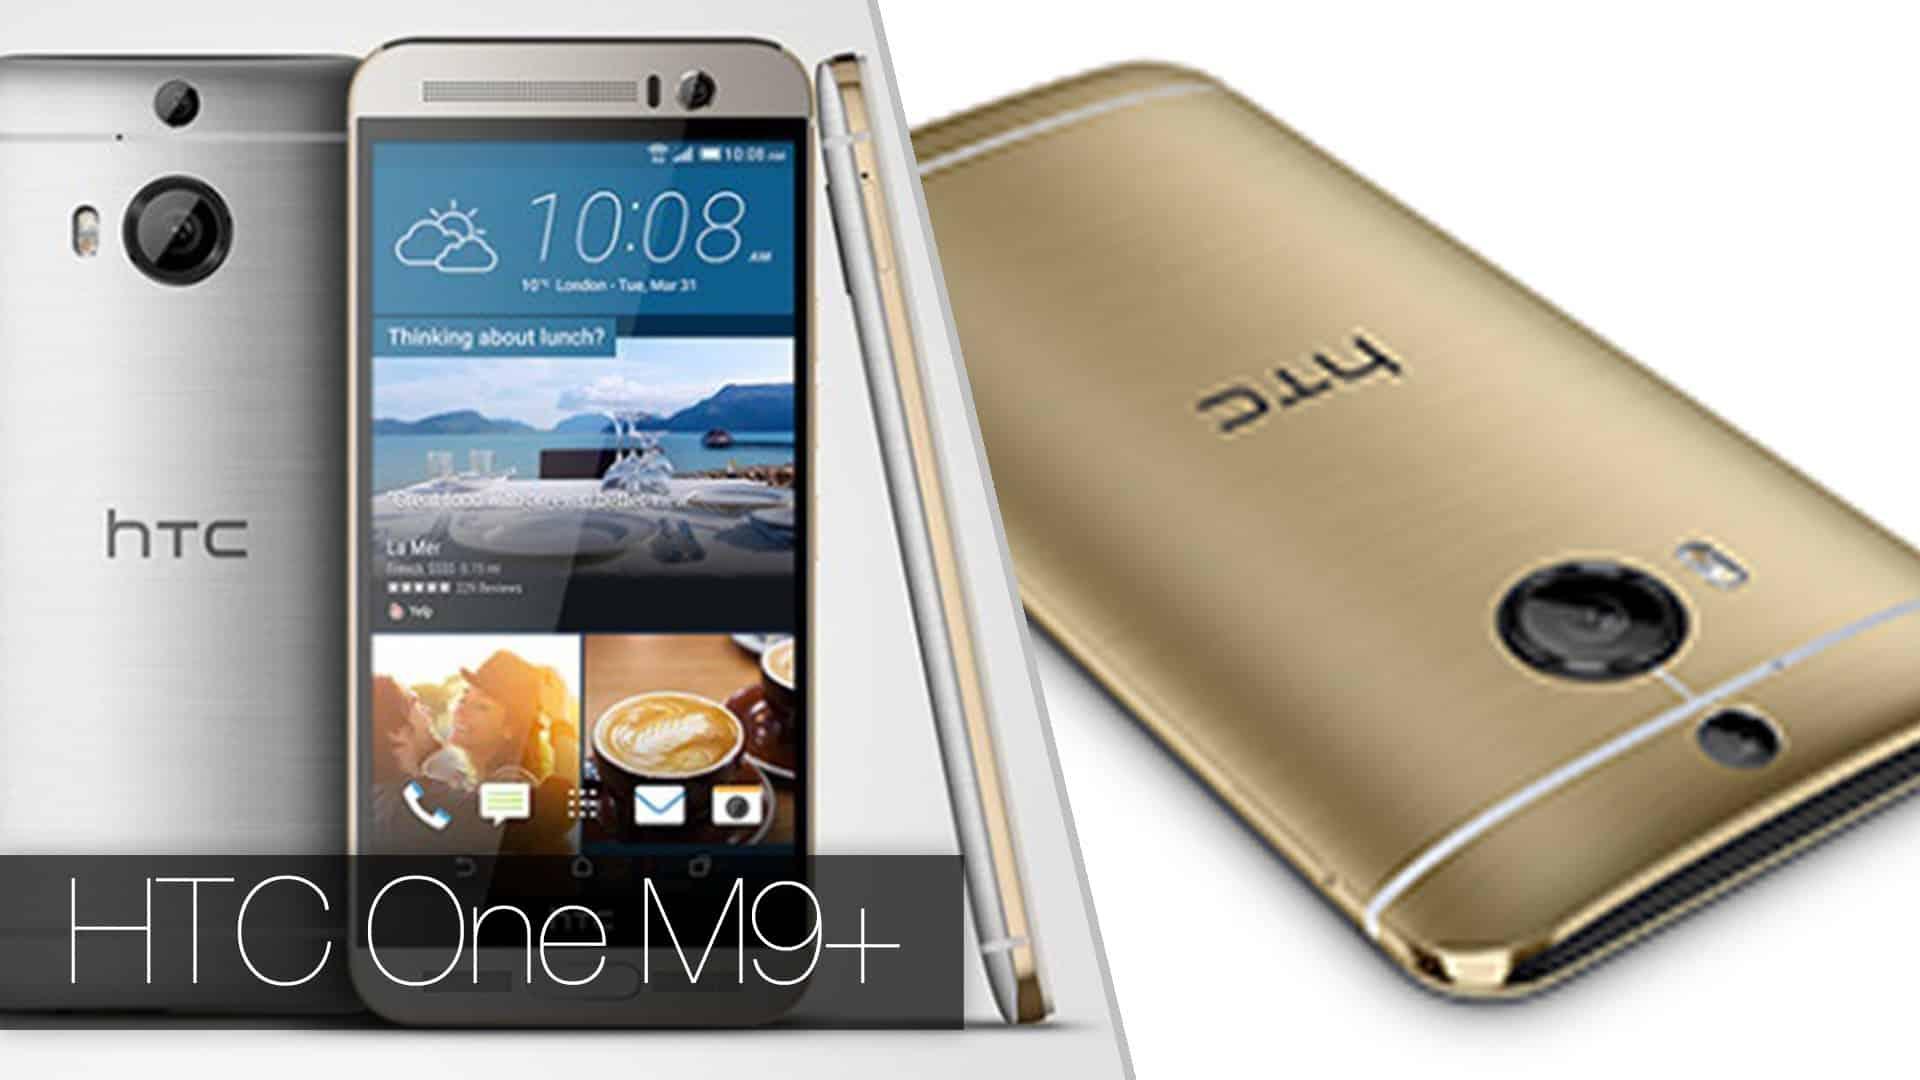 HTC One M9 Plus cuenta con conexión 4G Lte, sensor de huella dactilar y tecnología ultrapíxel en su cámara trasera.